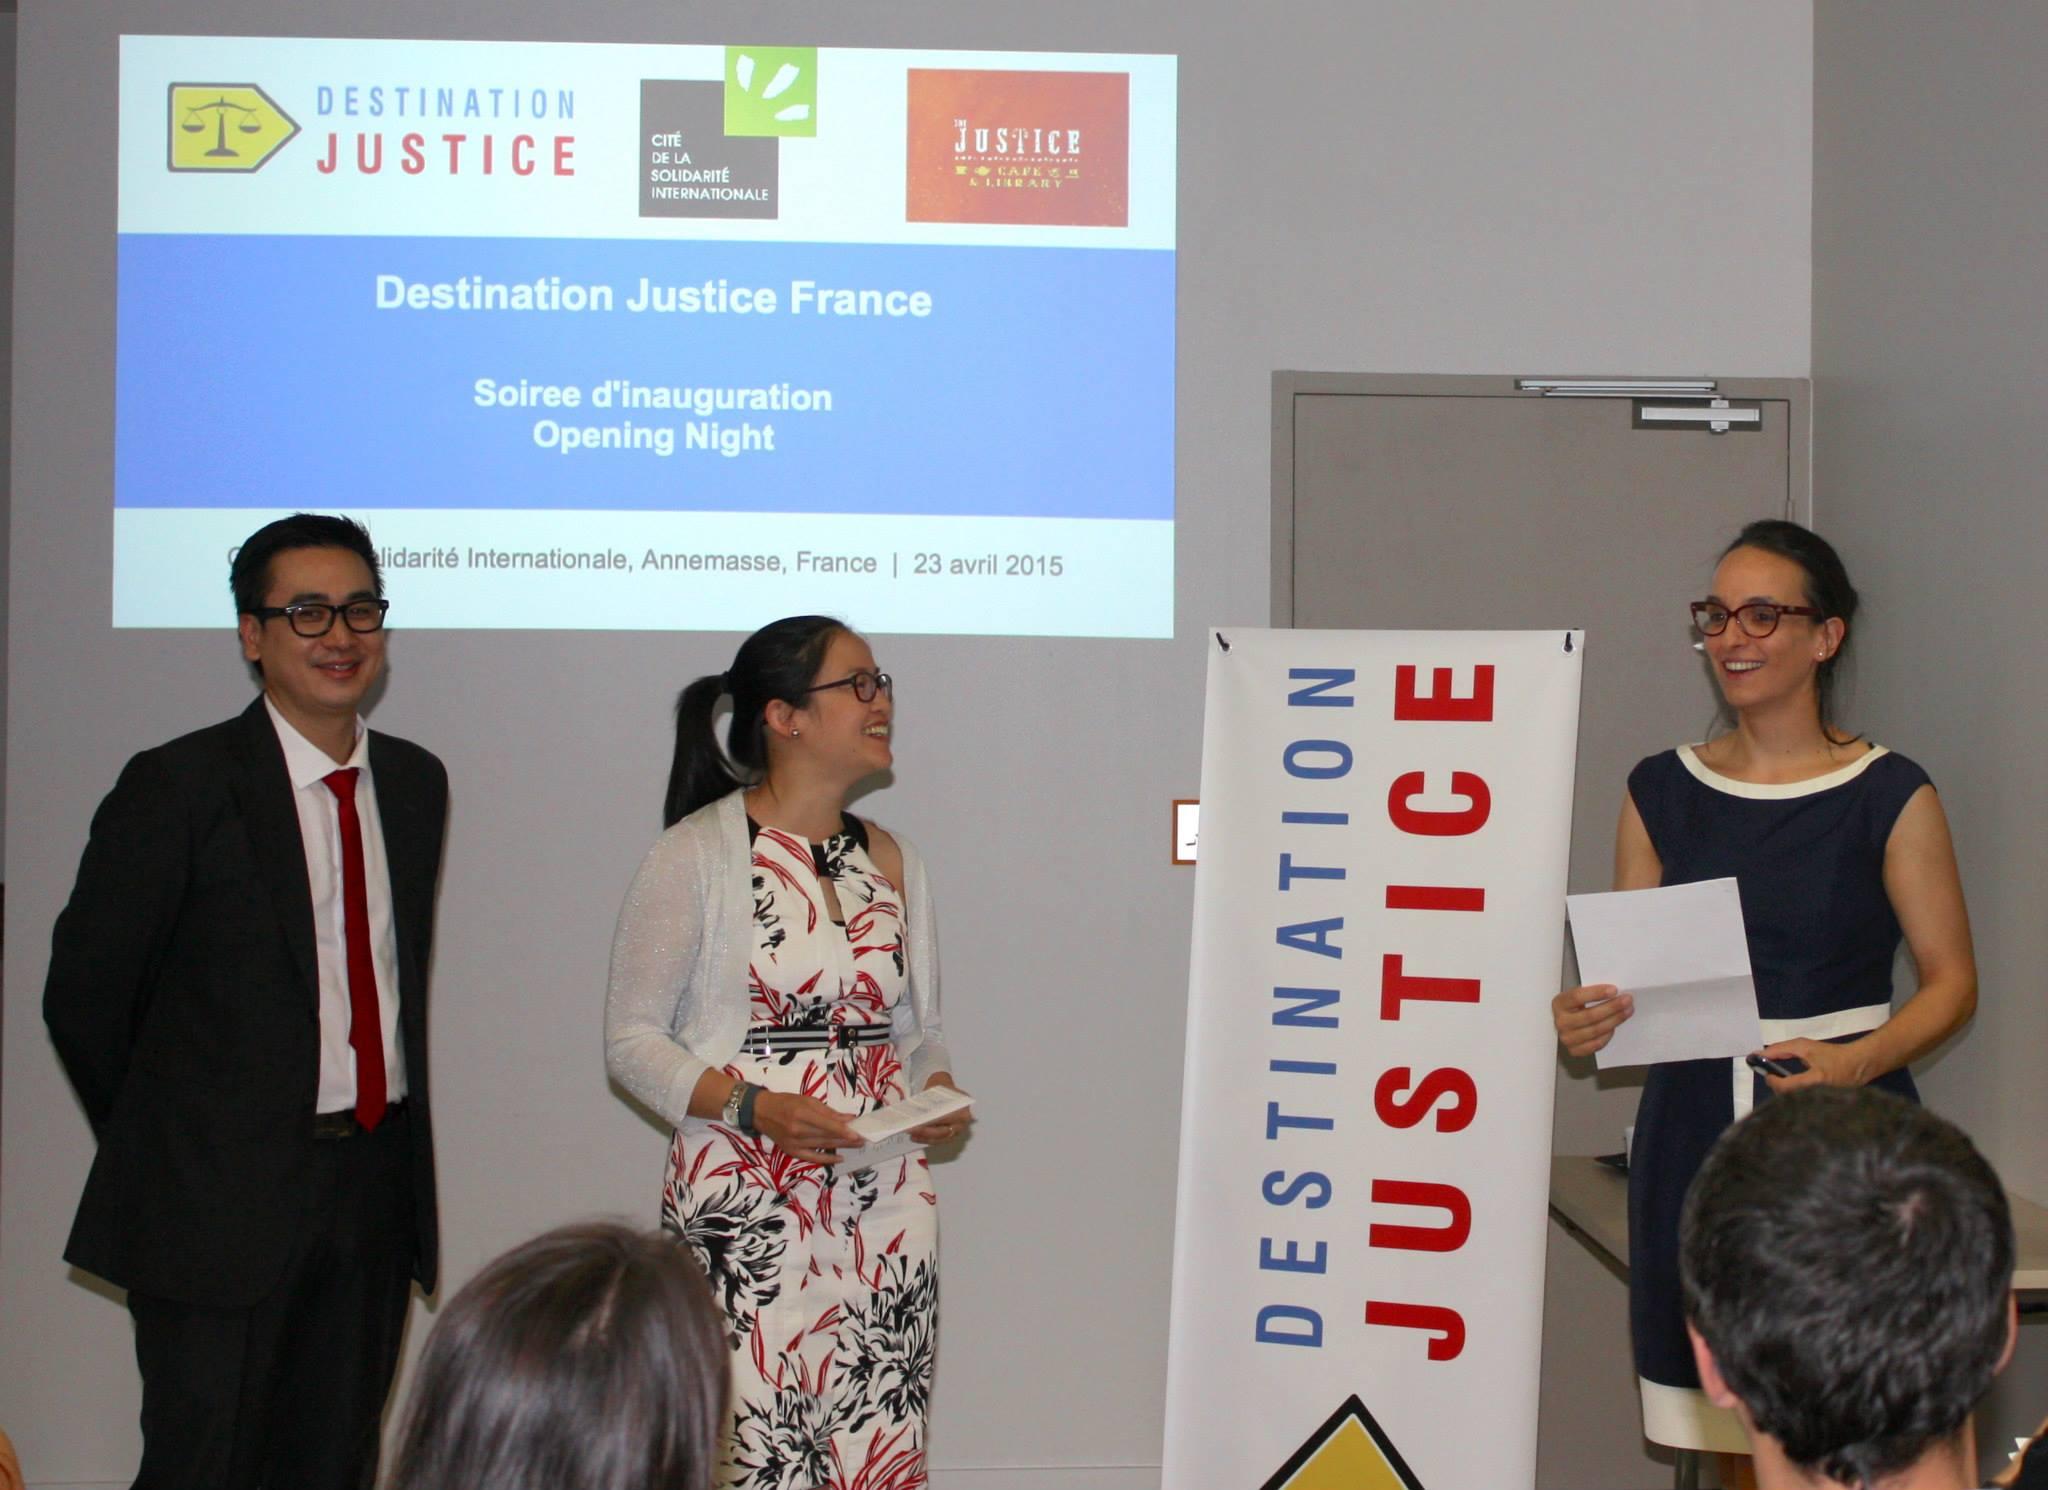 inauguration du bureau d 39 annemasse france destination justice. Black Bedroom Furniture Sets. Home Design Ideas